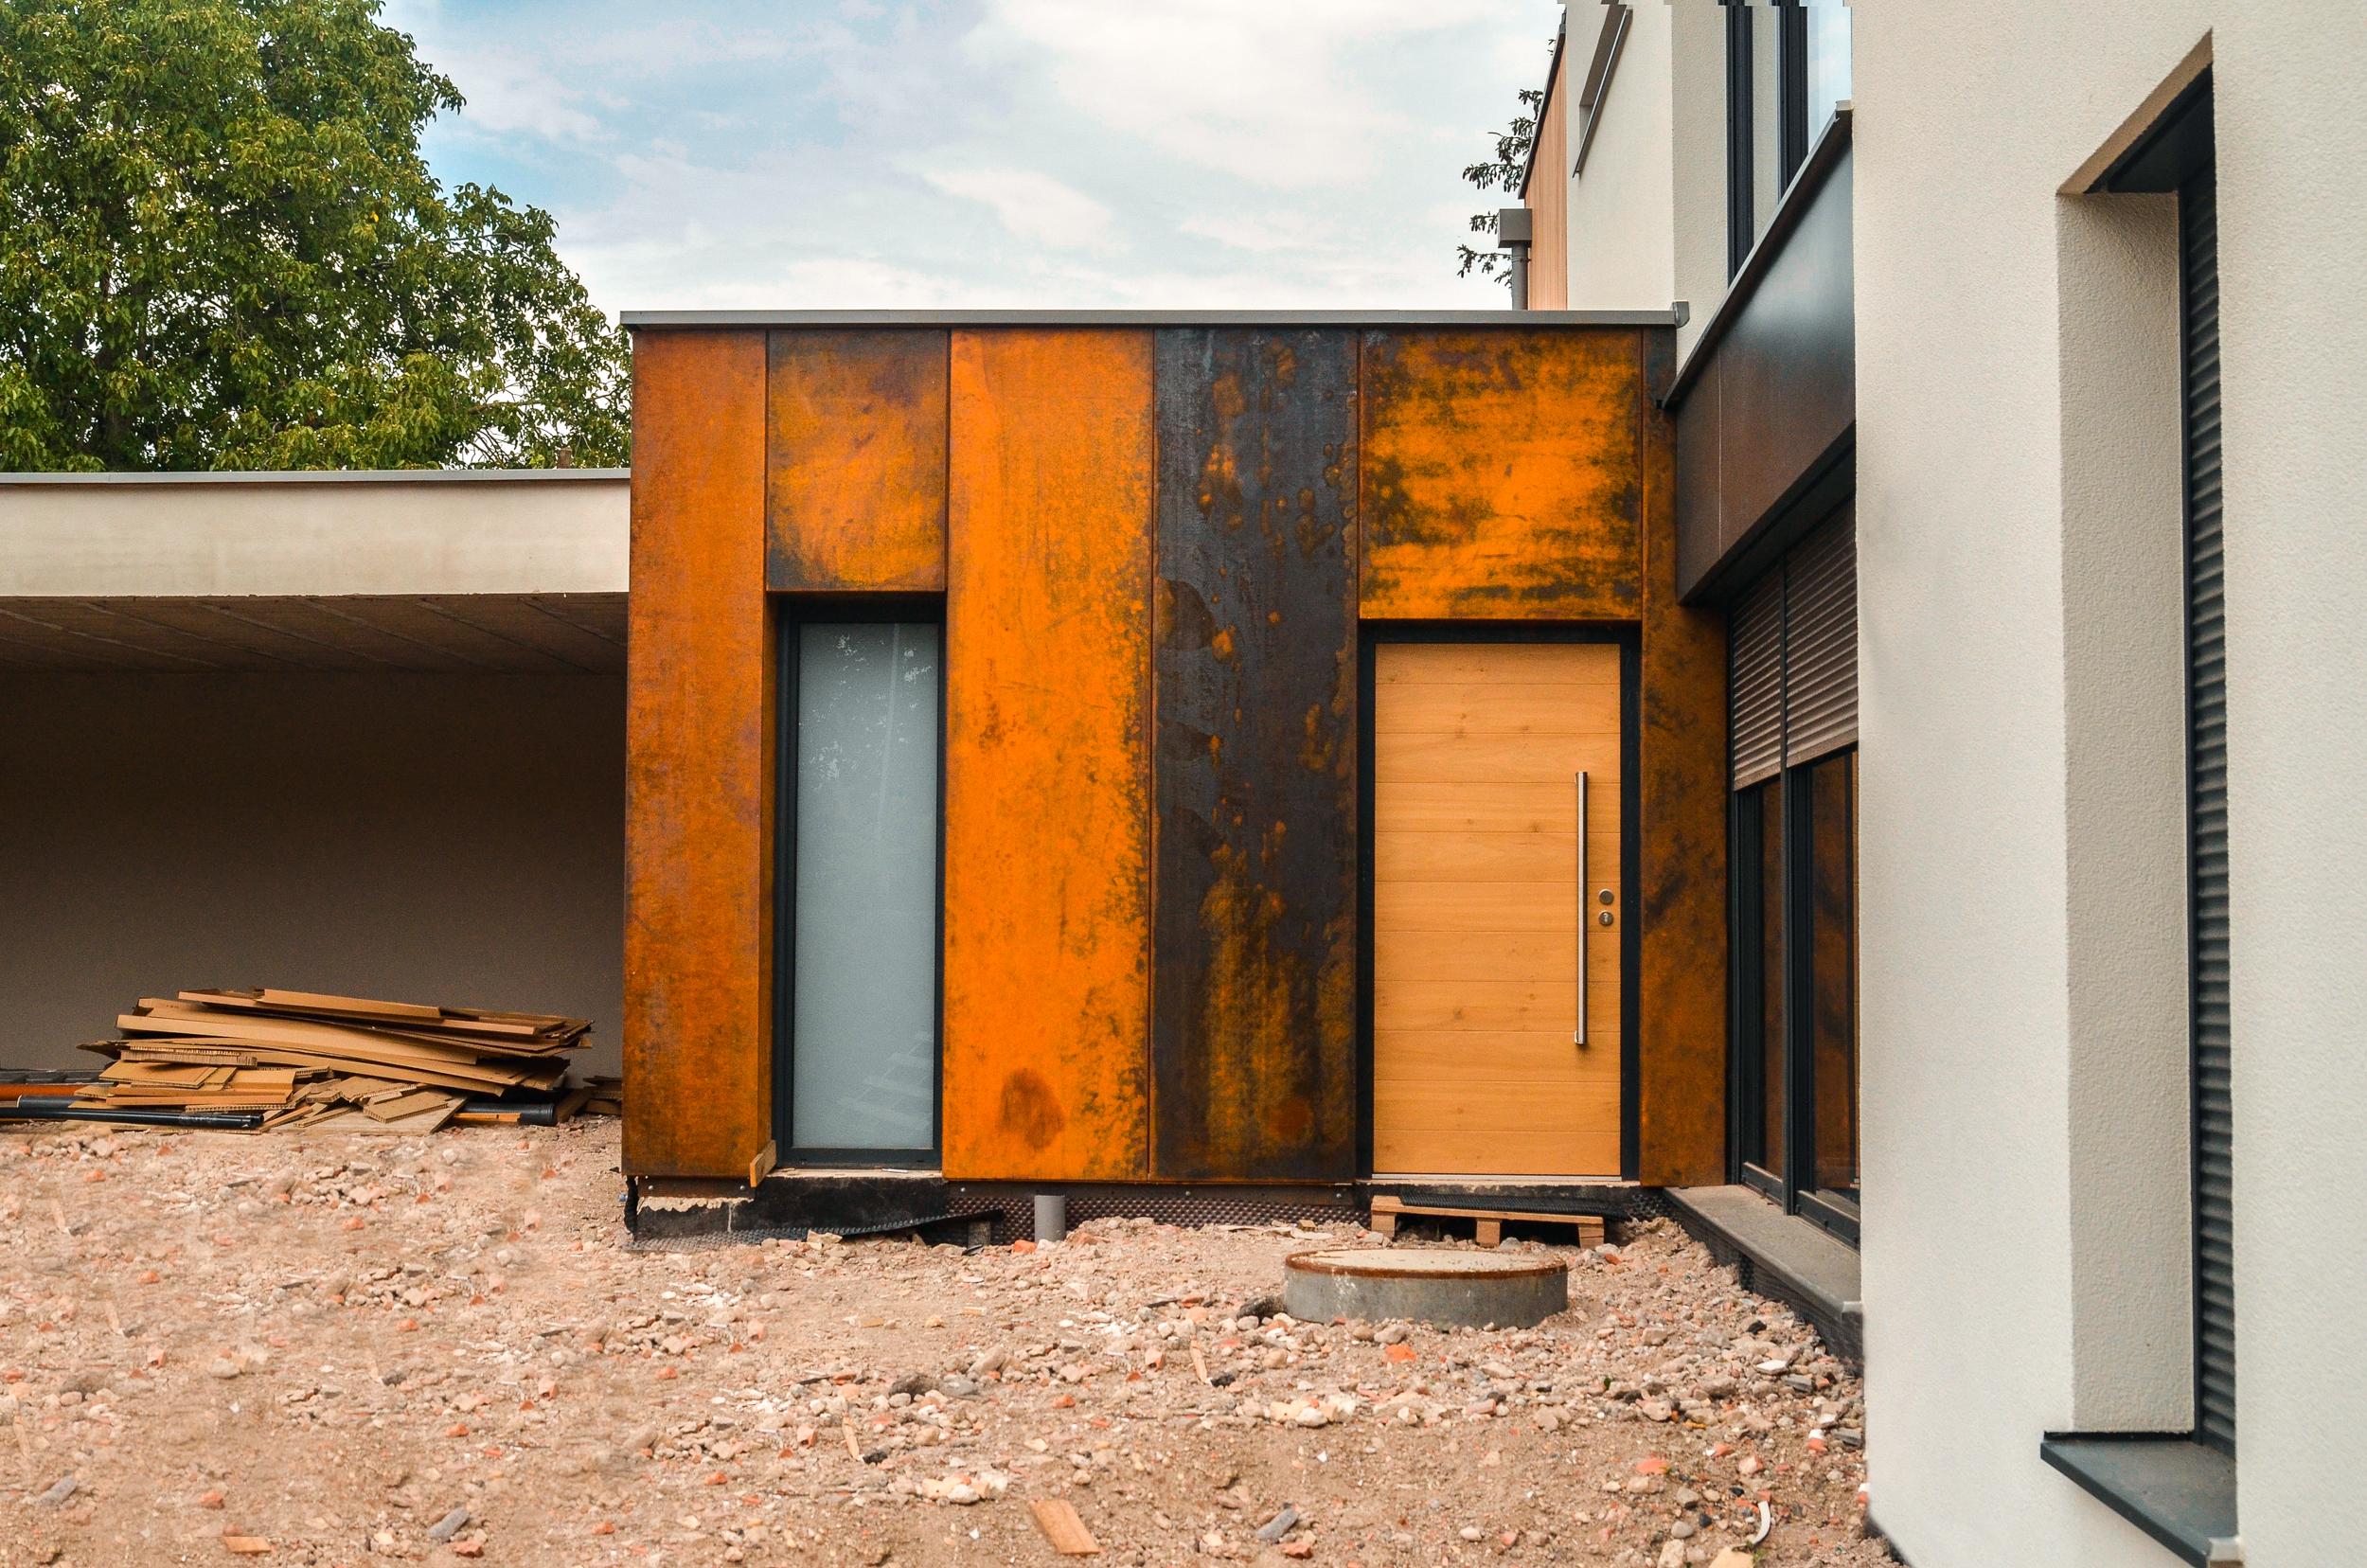 maison rhein - 26-07-2019-2